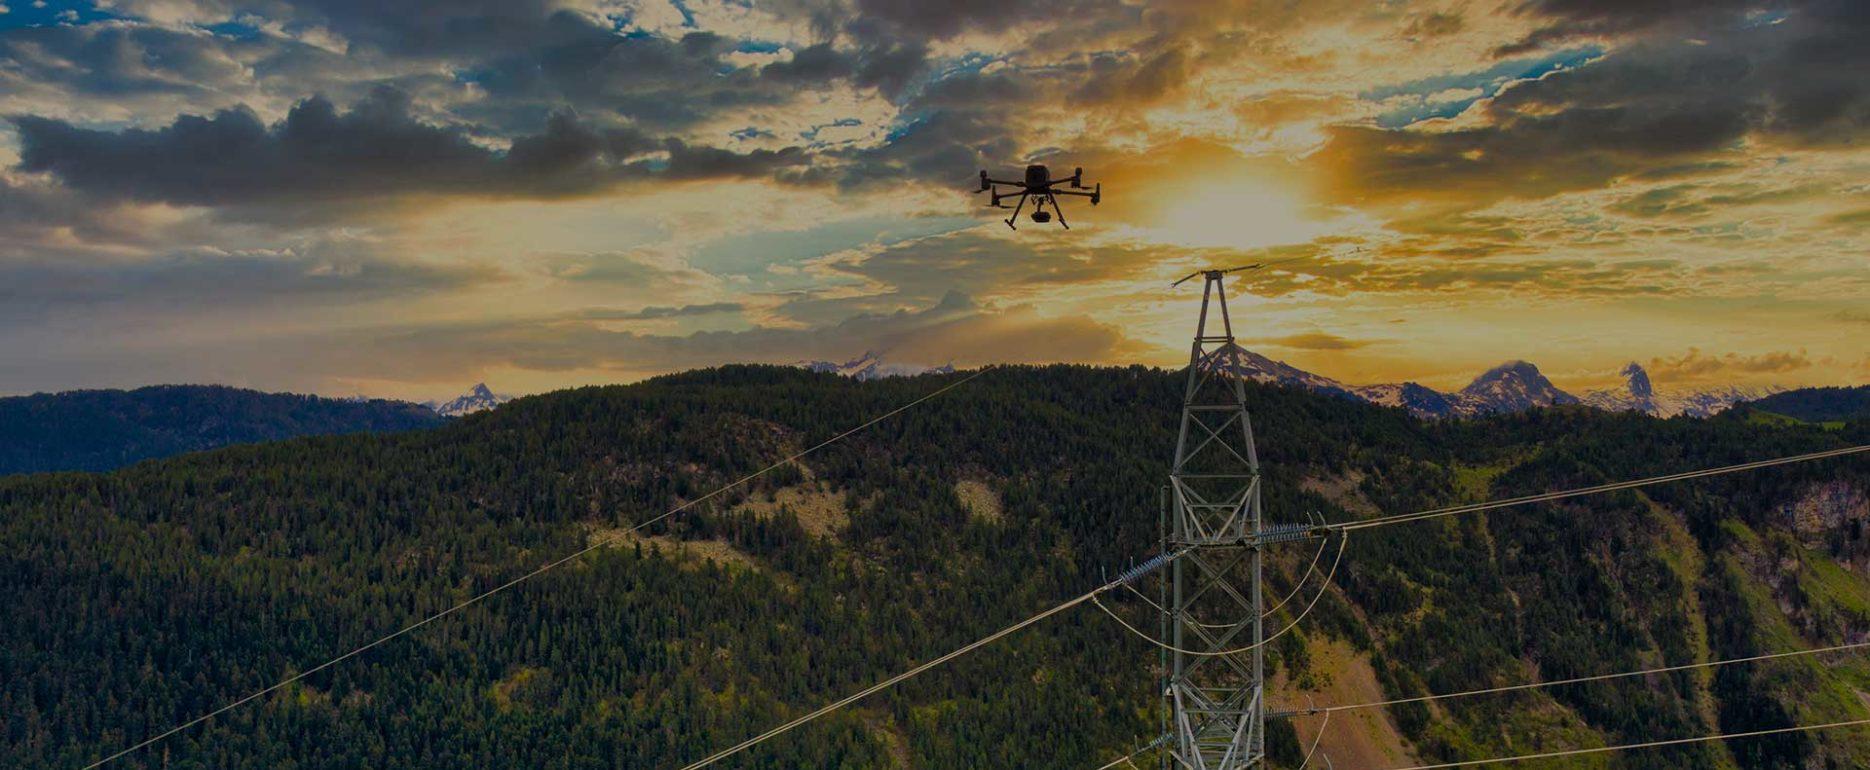 equipo-tecnico-pirineos-drone-aviation-bg3